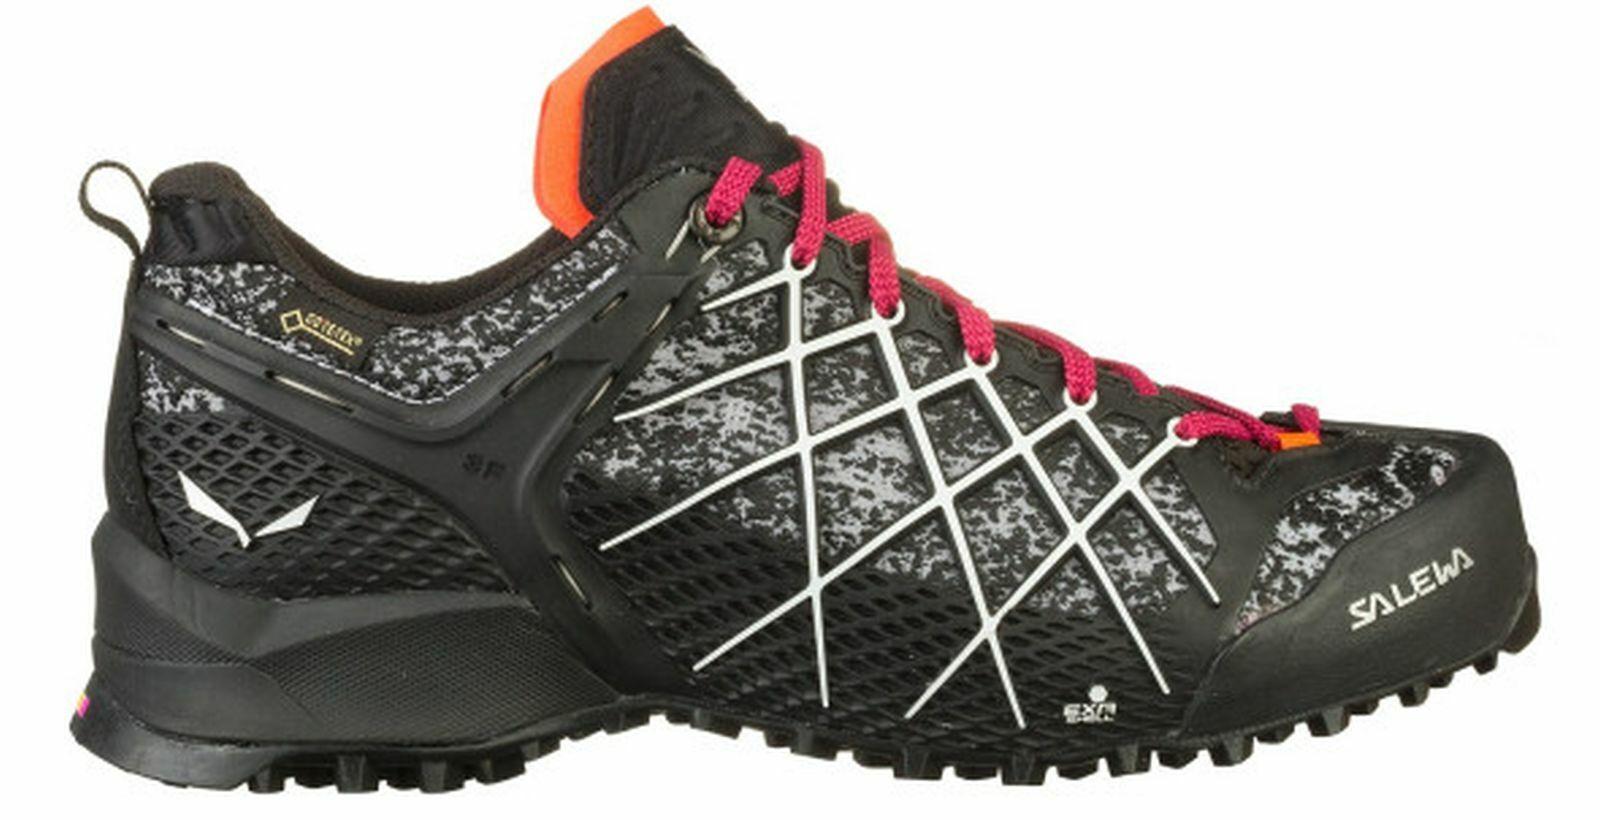 Salewa Damen-Wander-Outdoor-Multisport-Schuhe WS Wildfire GORE-TEX® schwarz